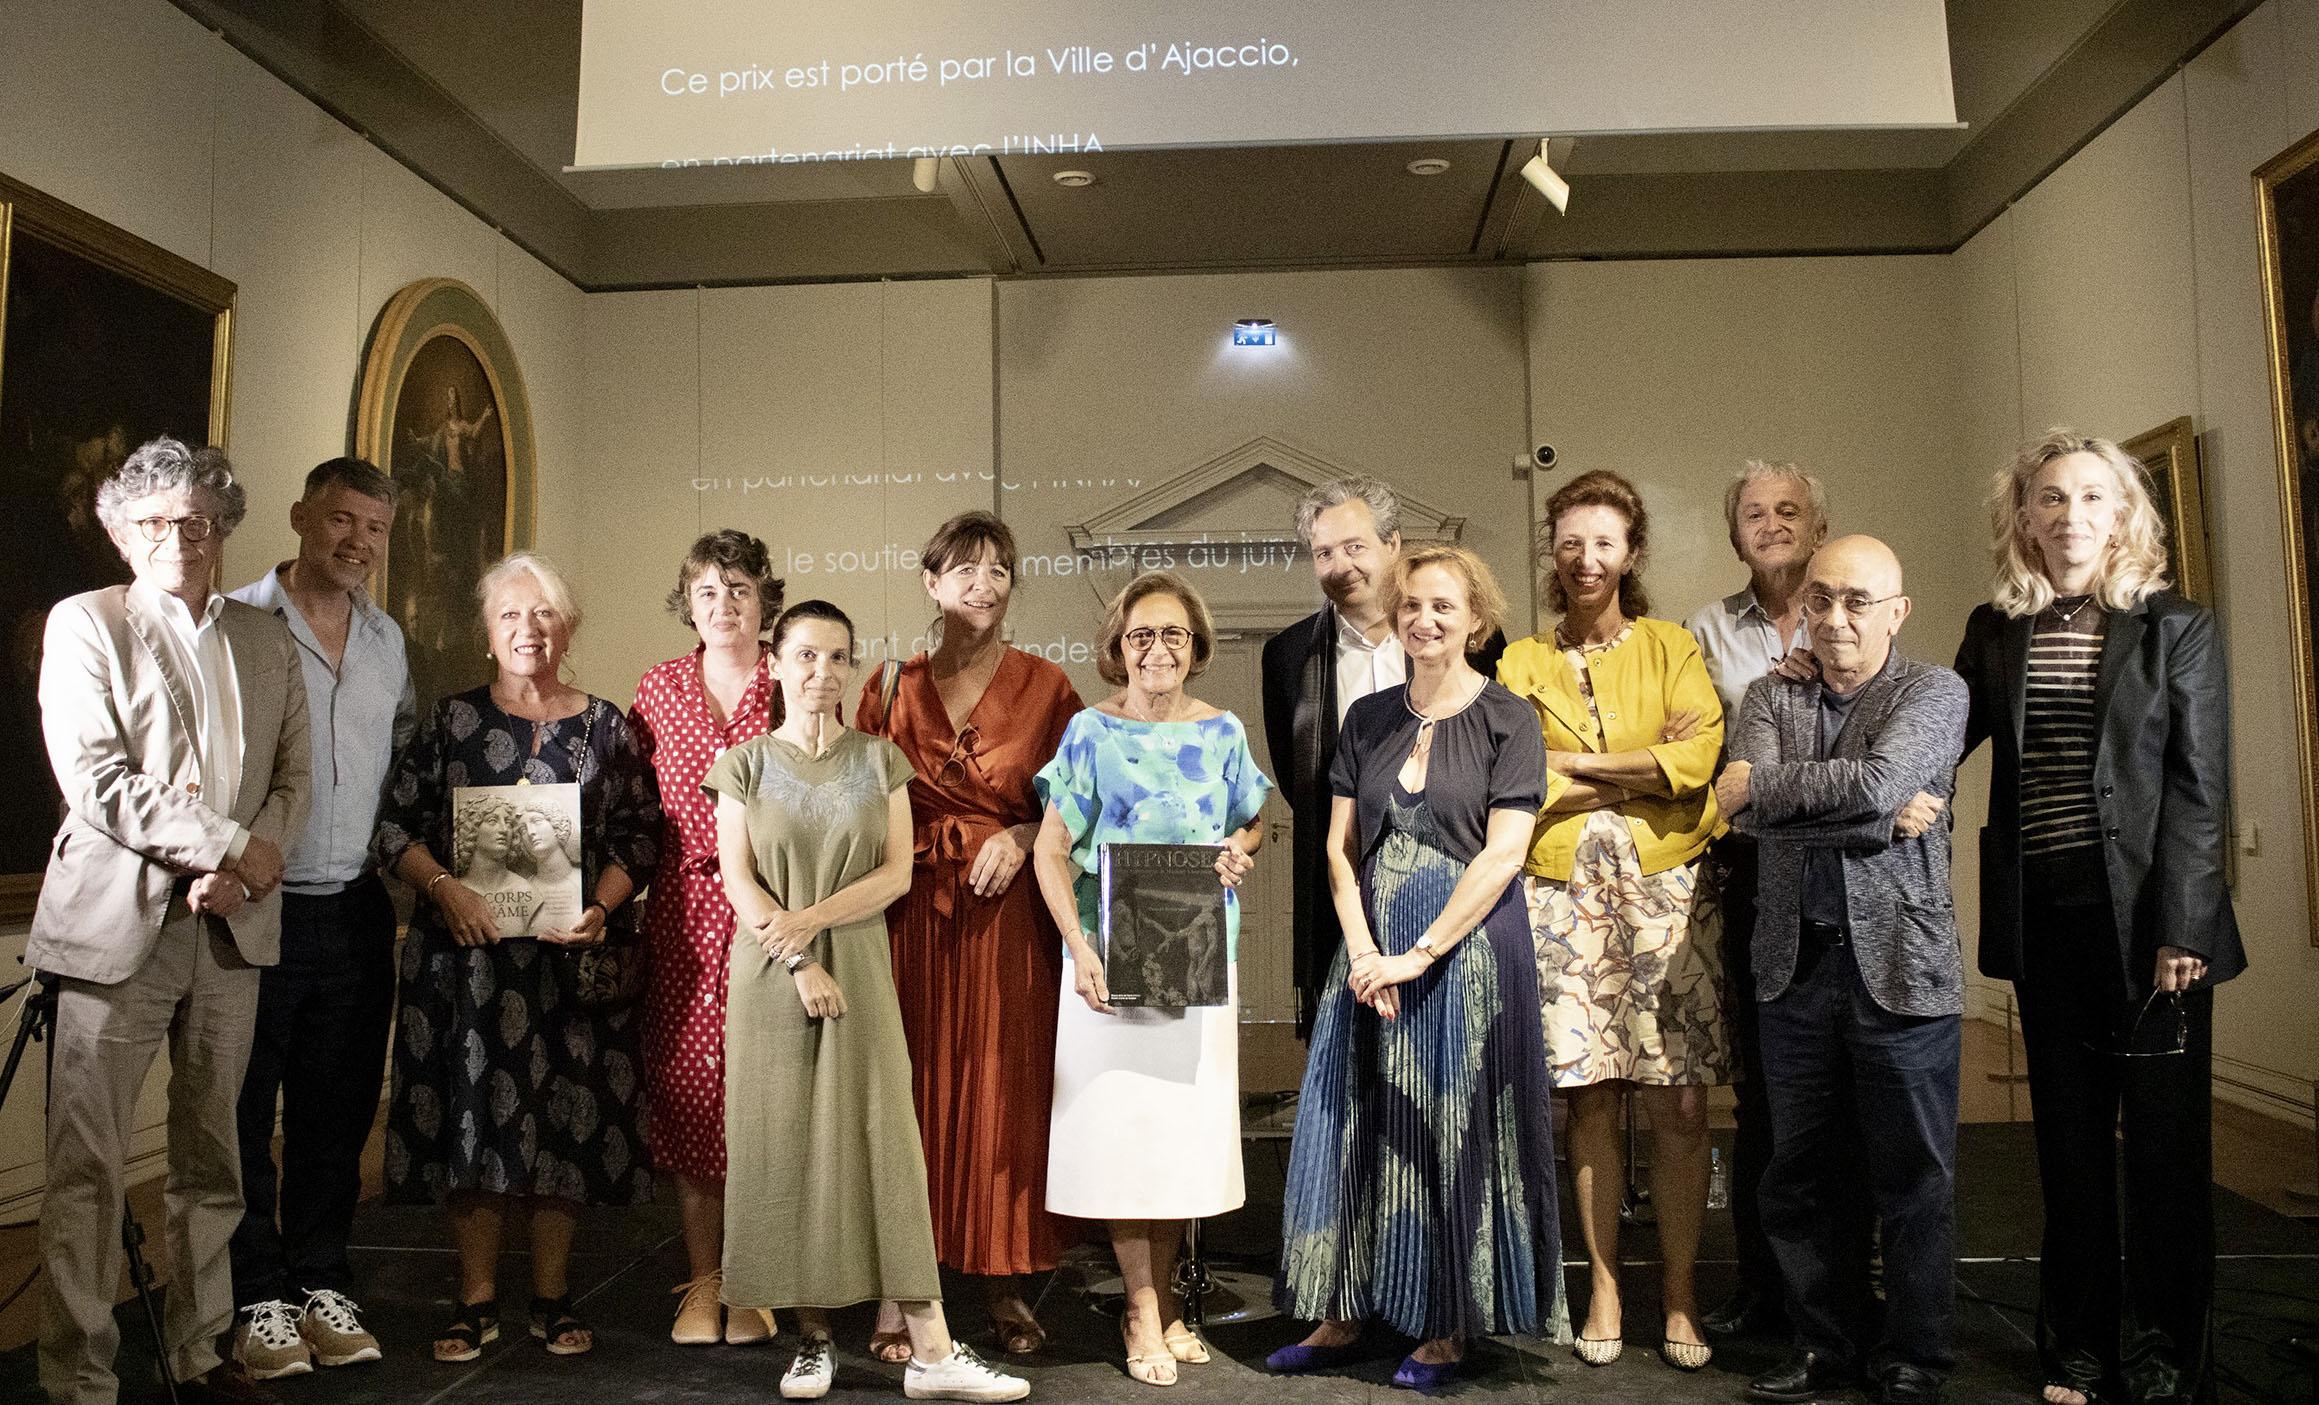 Jury heureux pour la remise du Prix du Livre d'art ce samedi au Palais Fesch musée des Beaux-Arts (Photos Ville d'Ajaccio).